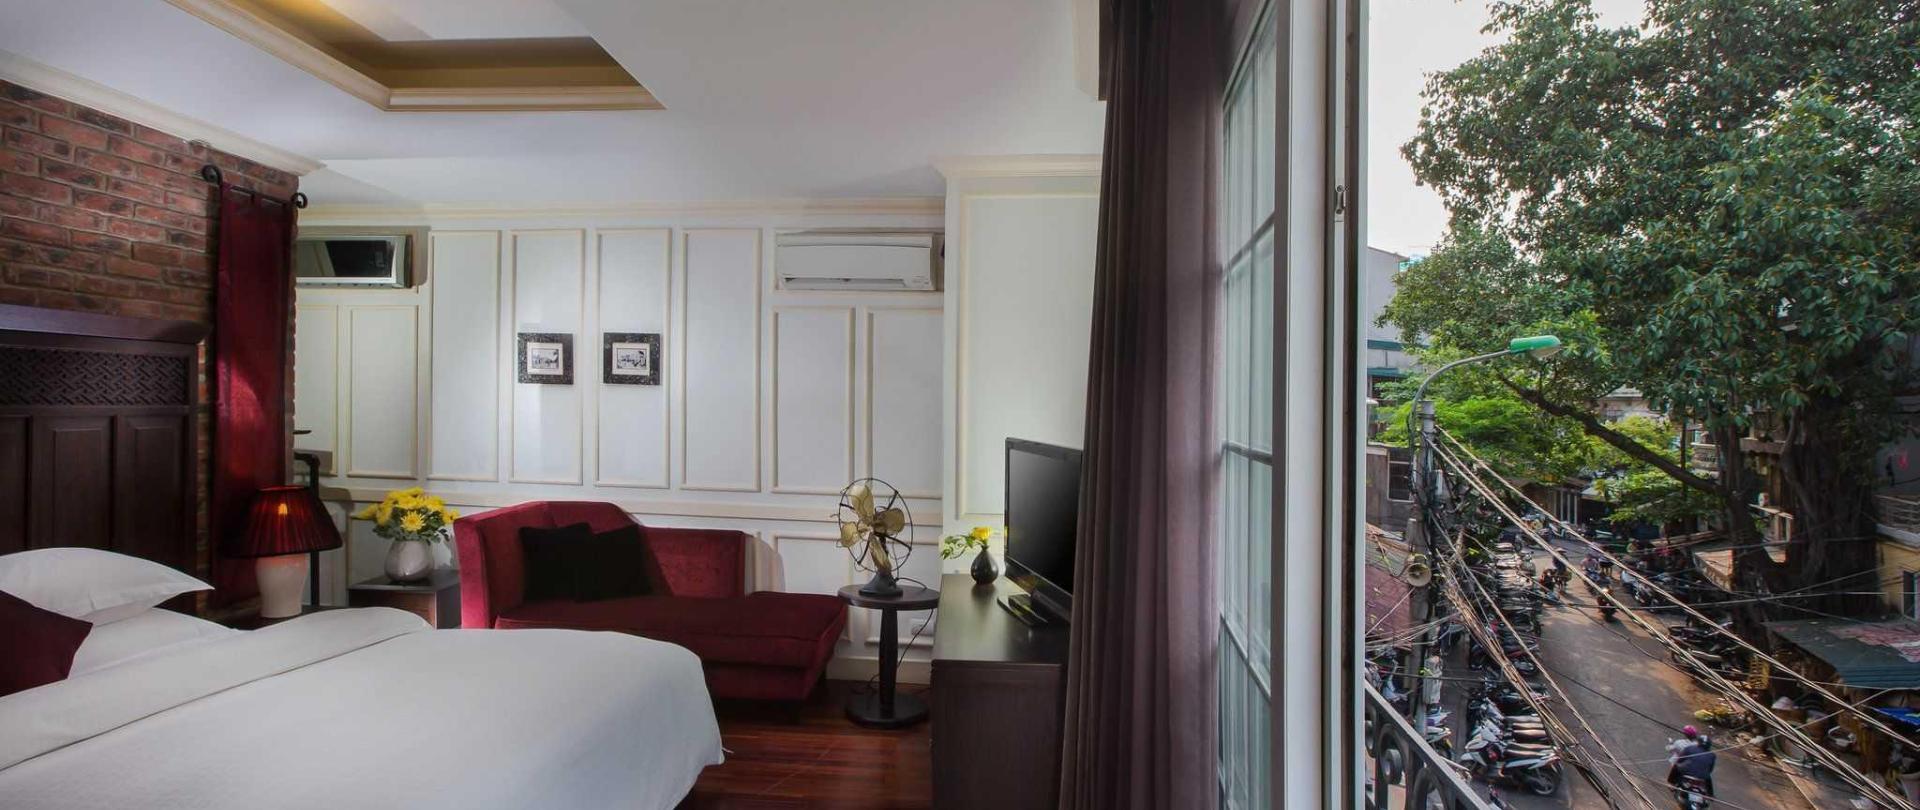 suite-street-view.jpg